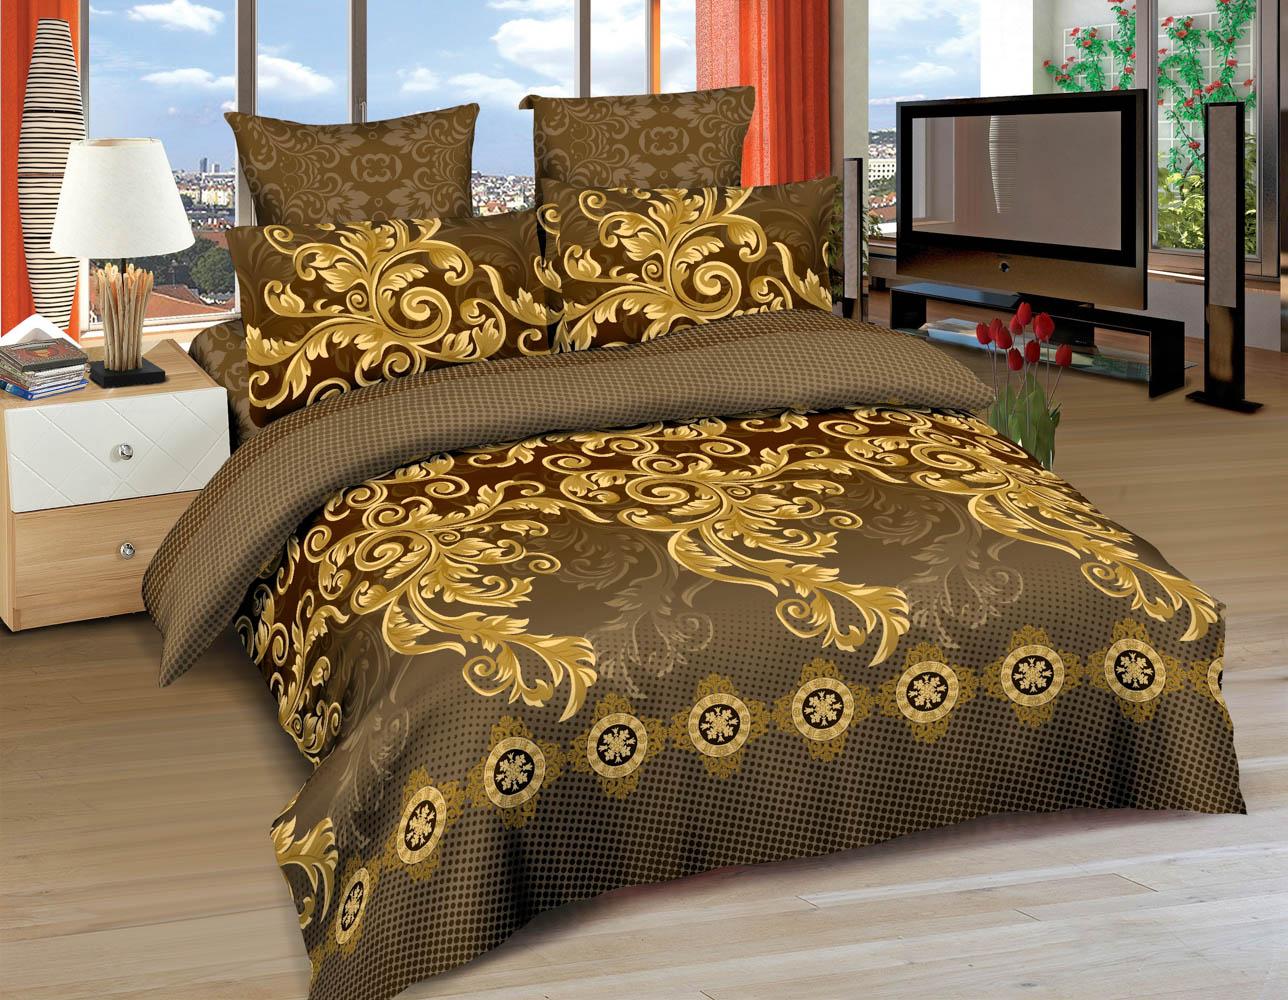 Постельное белье Amore Mio Постельное белье Fortaleza (2 спал.) постельное белье amore mio постельное белье gabrielle 2 спал